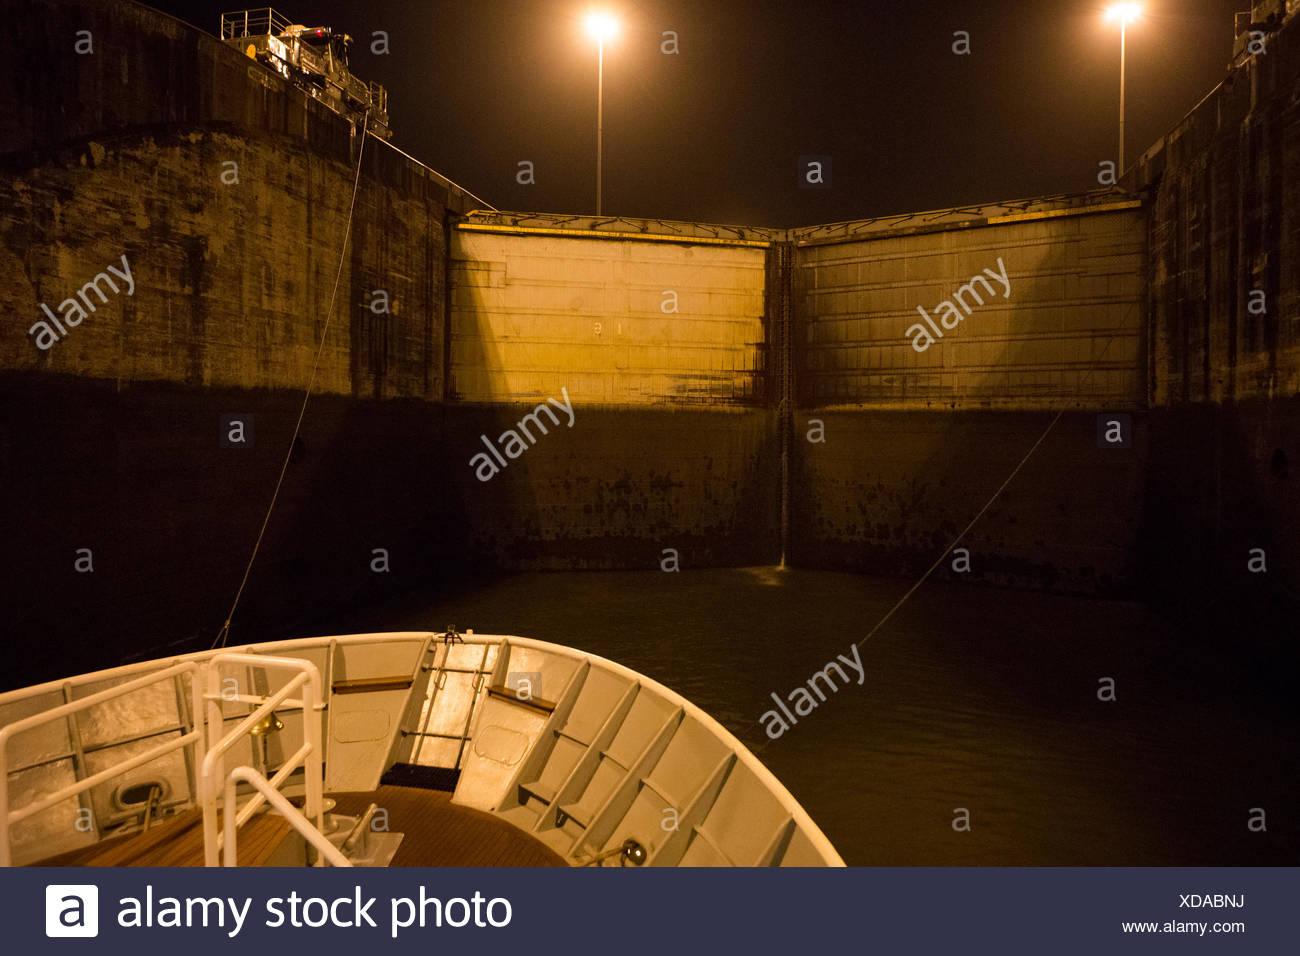 Una barca di crociera è legata al treno di guida motori come la nave entra  serrature Gatun dall Atlantico ingresso del canale di Panama. 4bc4e061197c